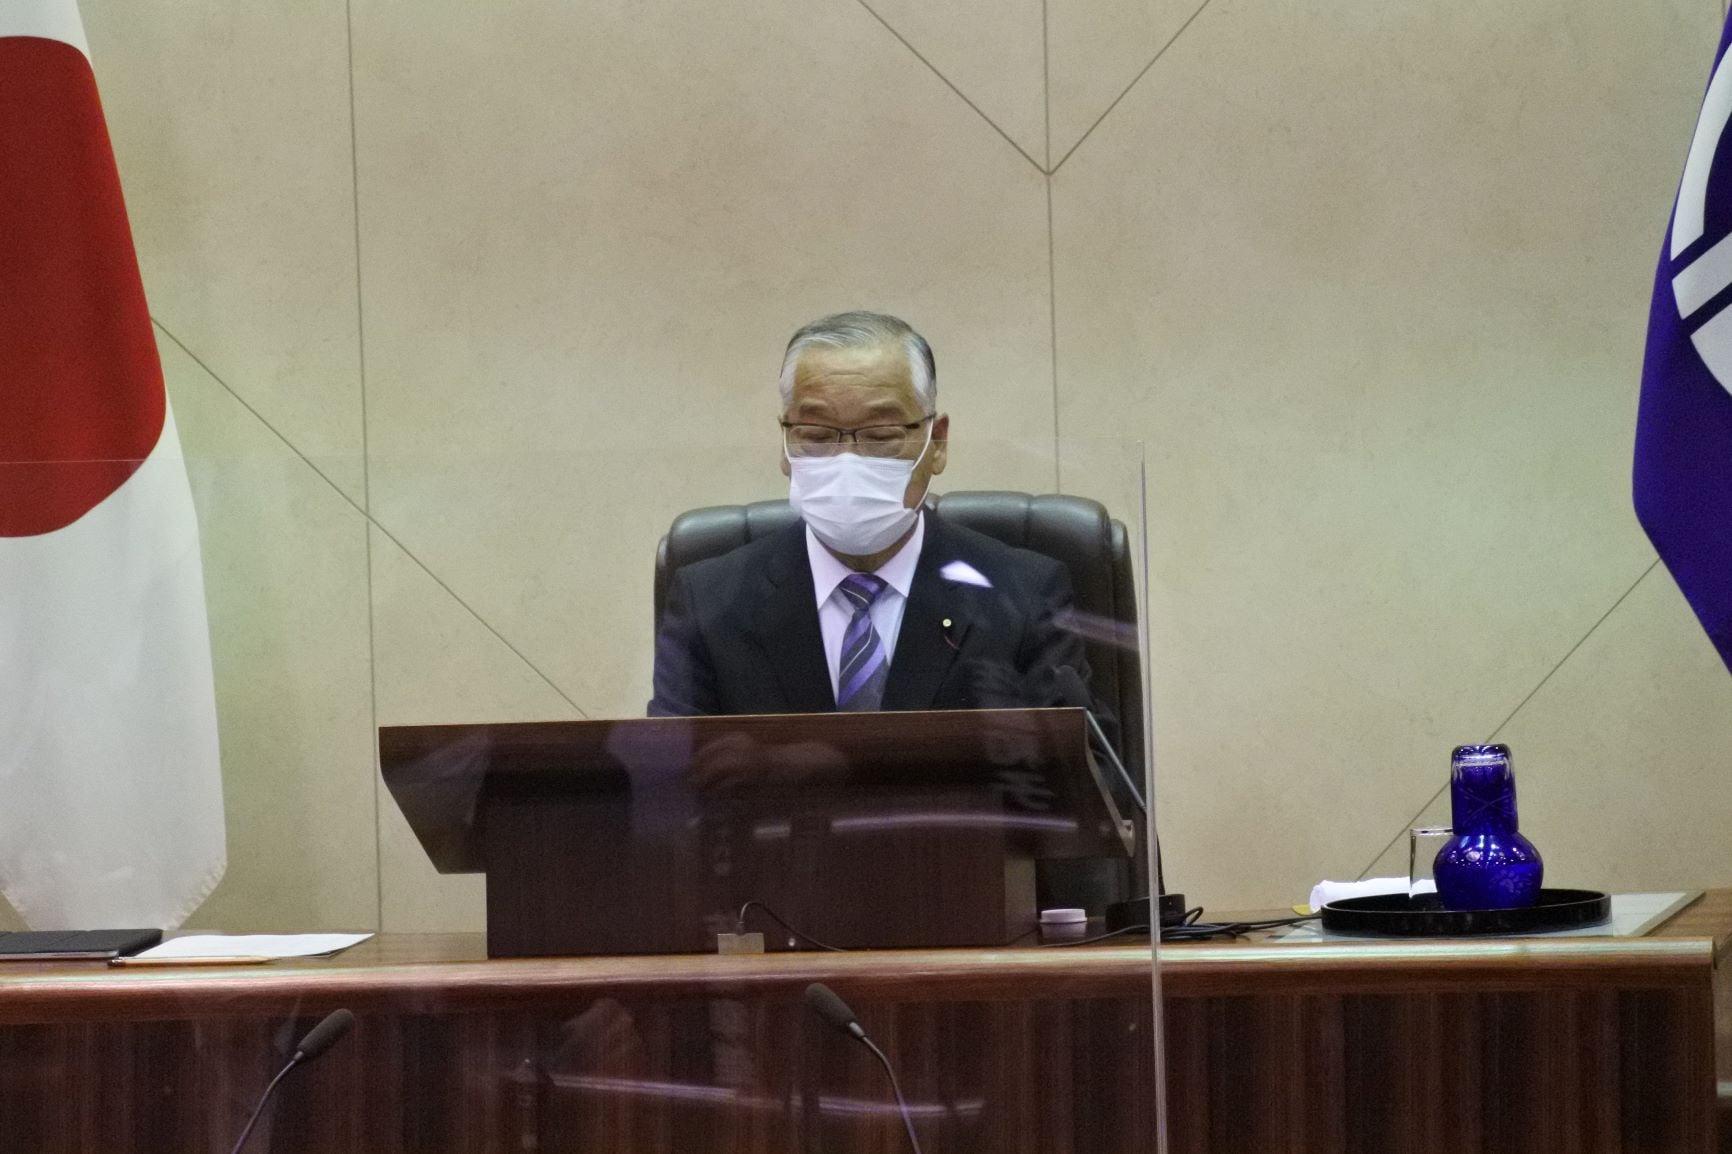 令和3年6月8日 仙台市議会の令和3年第2回定例会(6月定例会)が開会